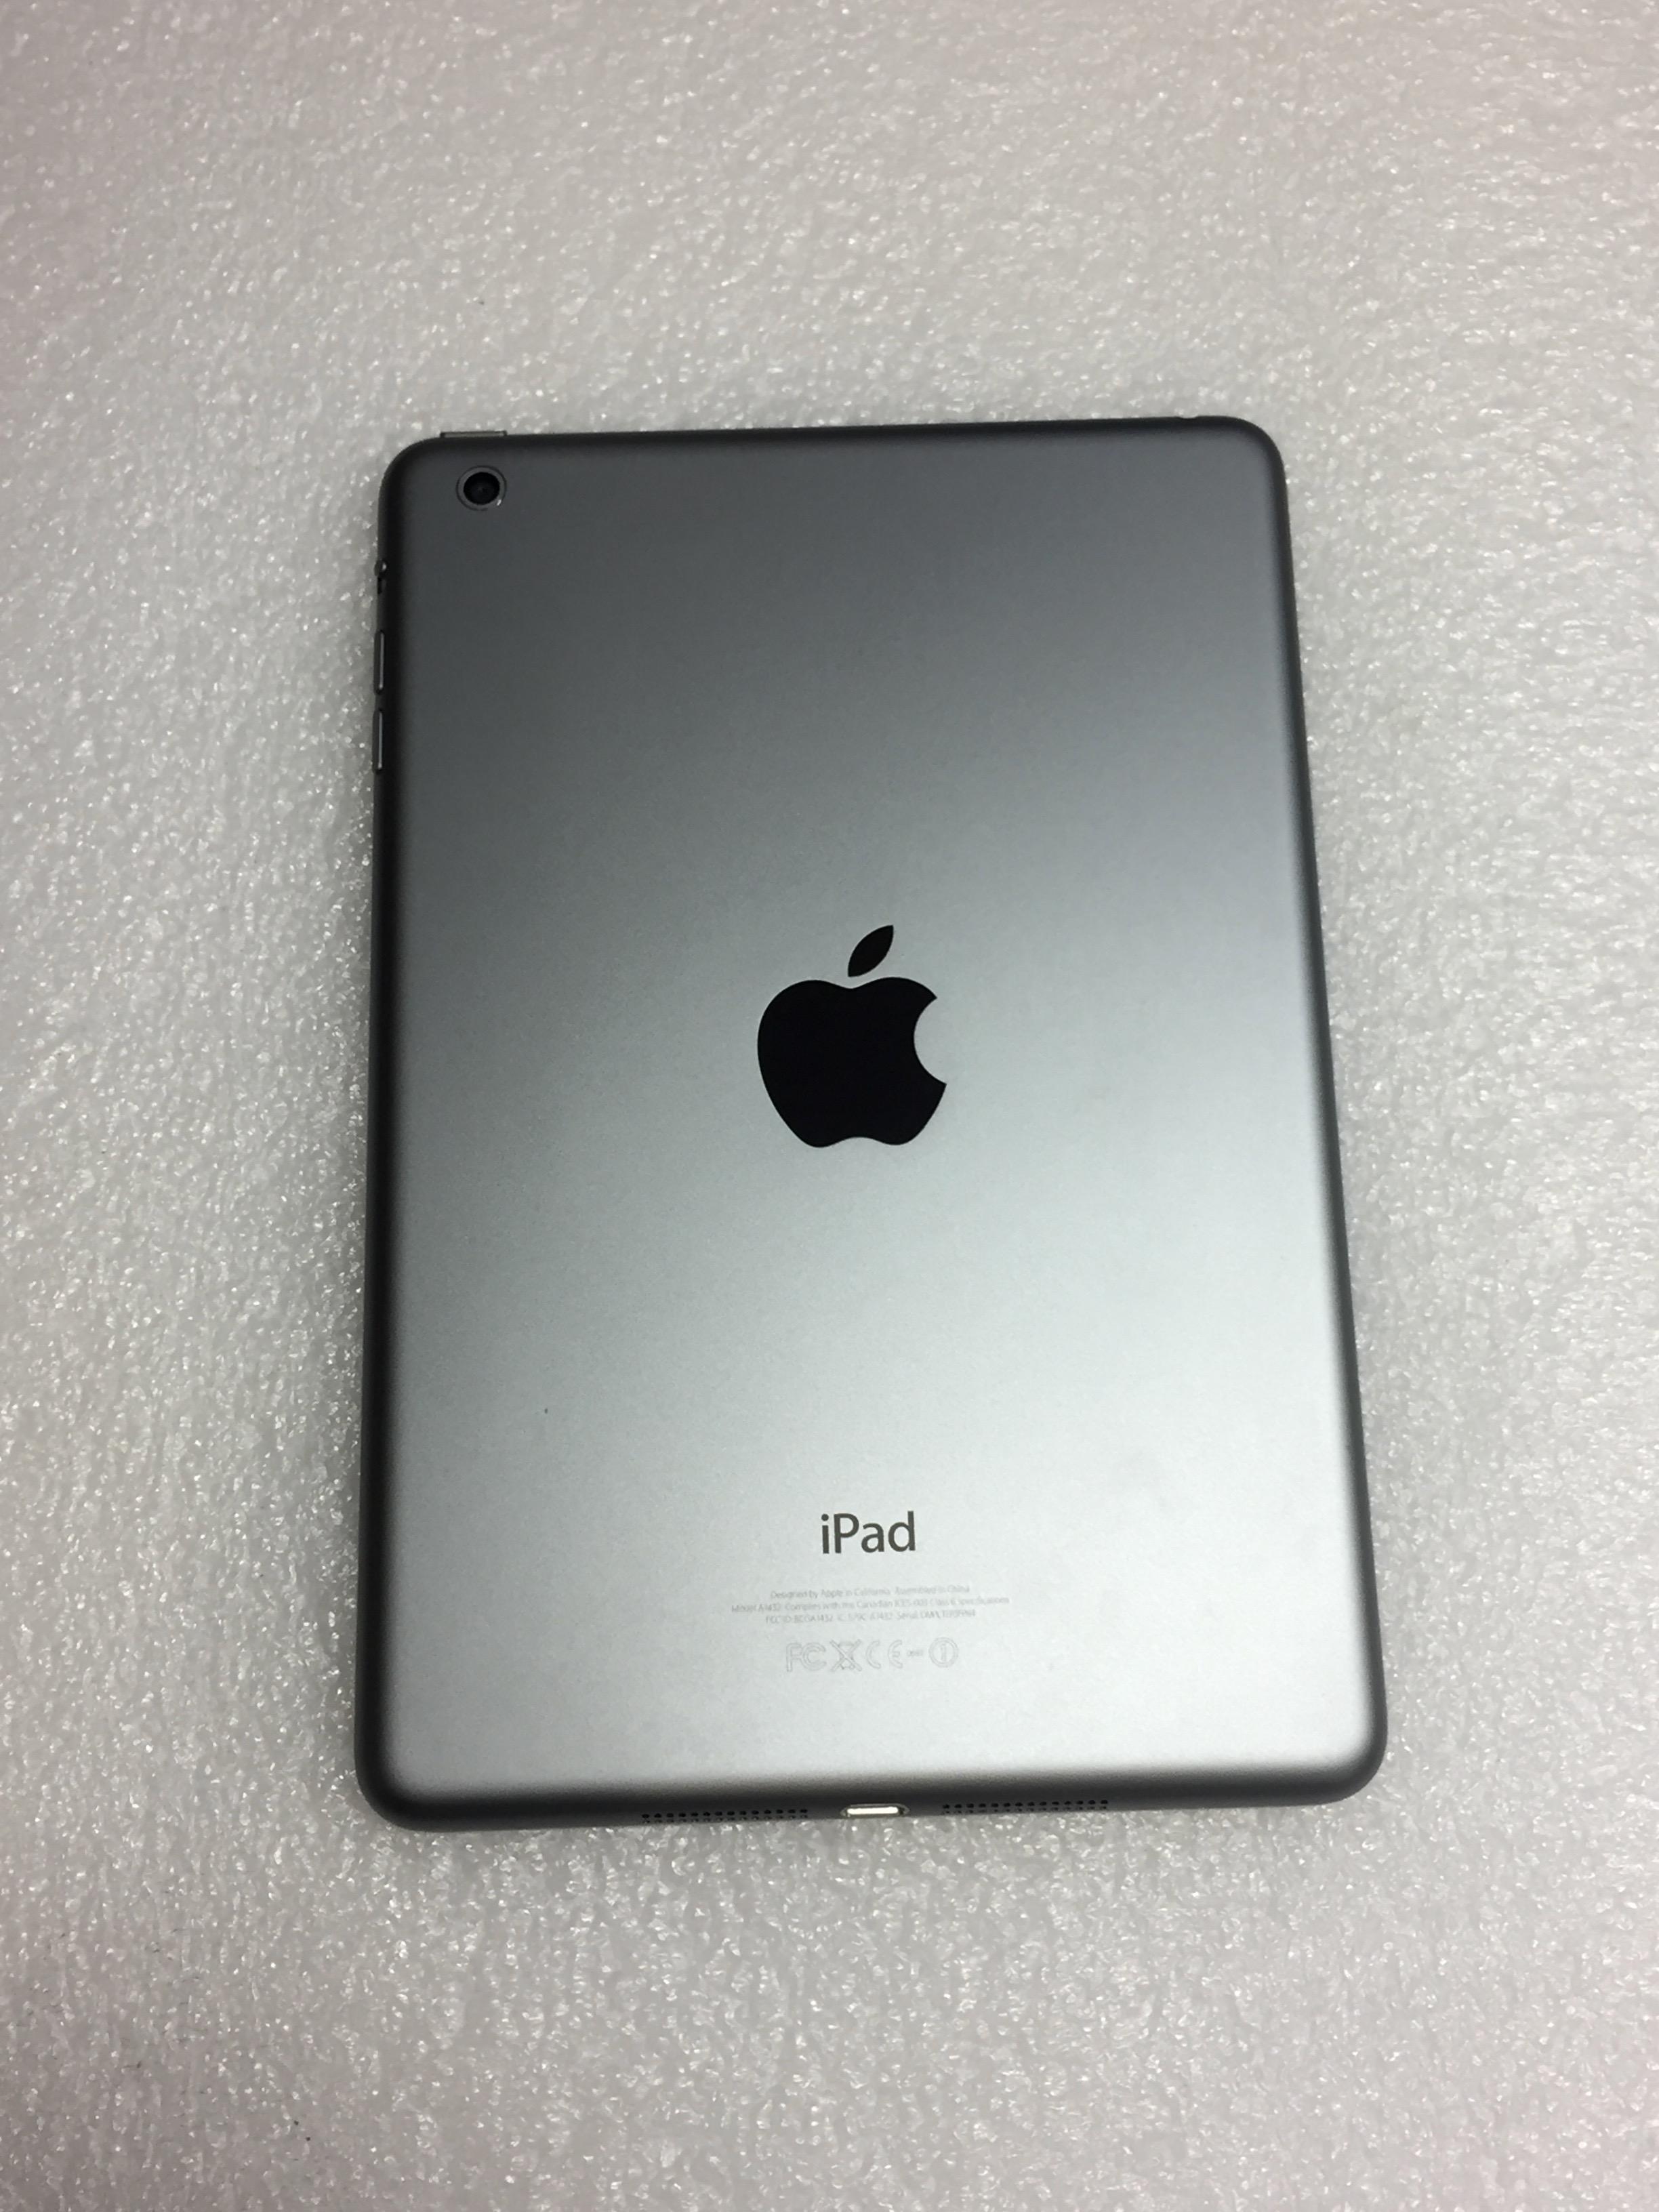 iPad mini Wi-Fi 16GB, 16 GB, Gray, imagen 2